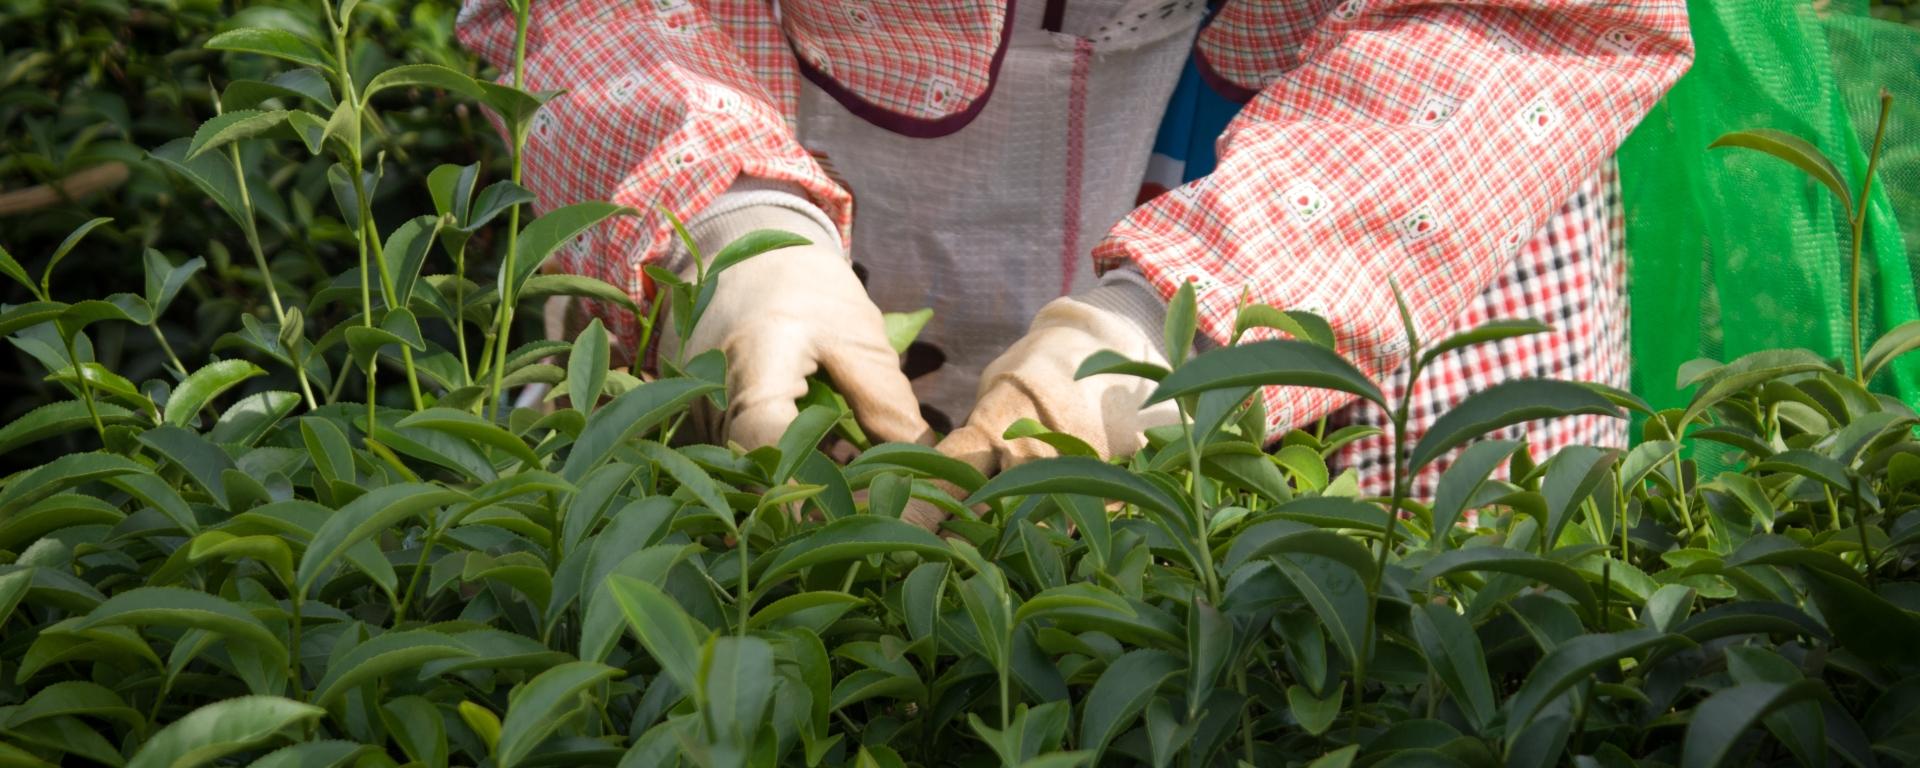 苗栗市貓裏紅紅茶茶園